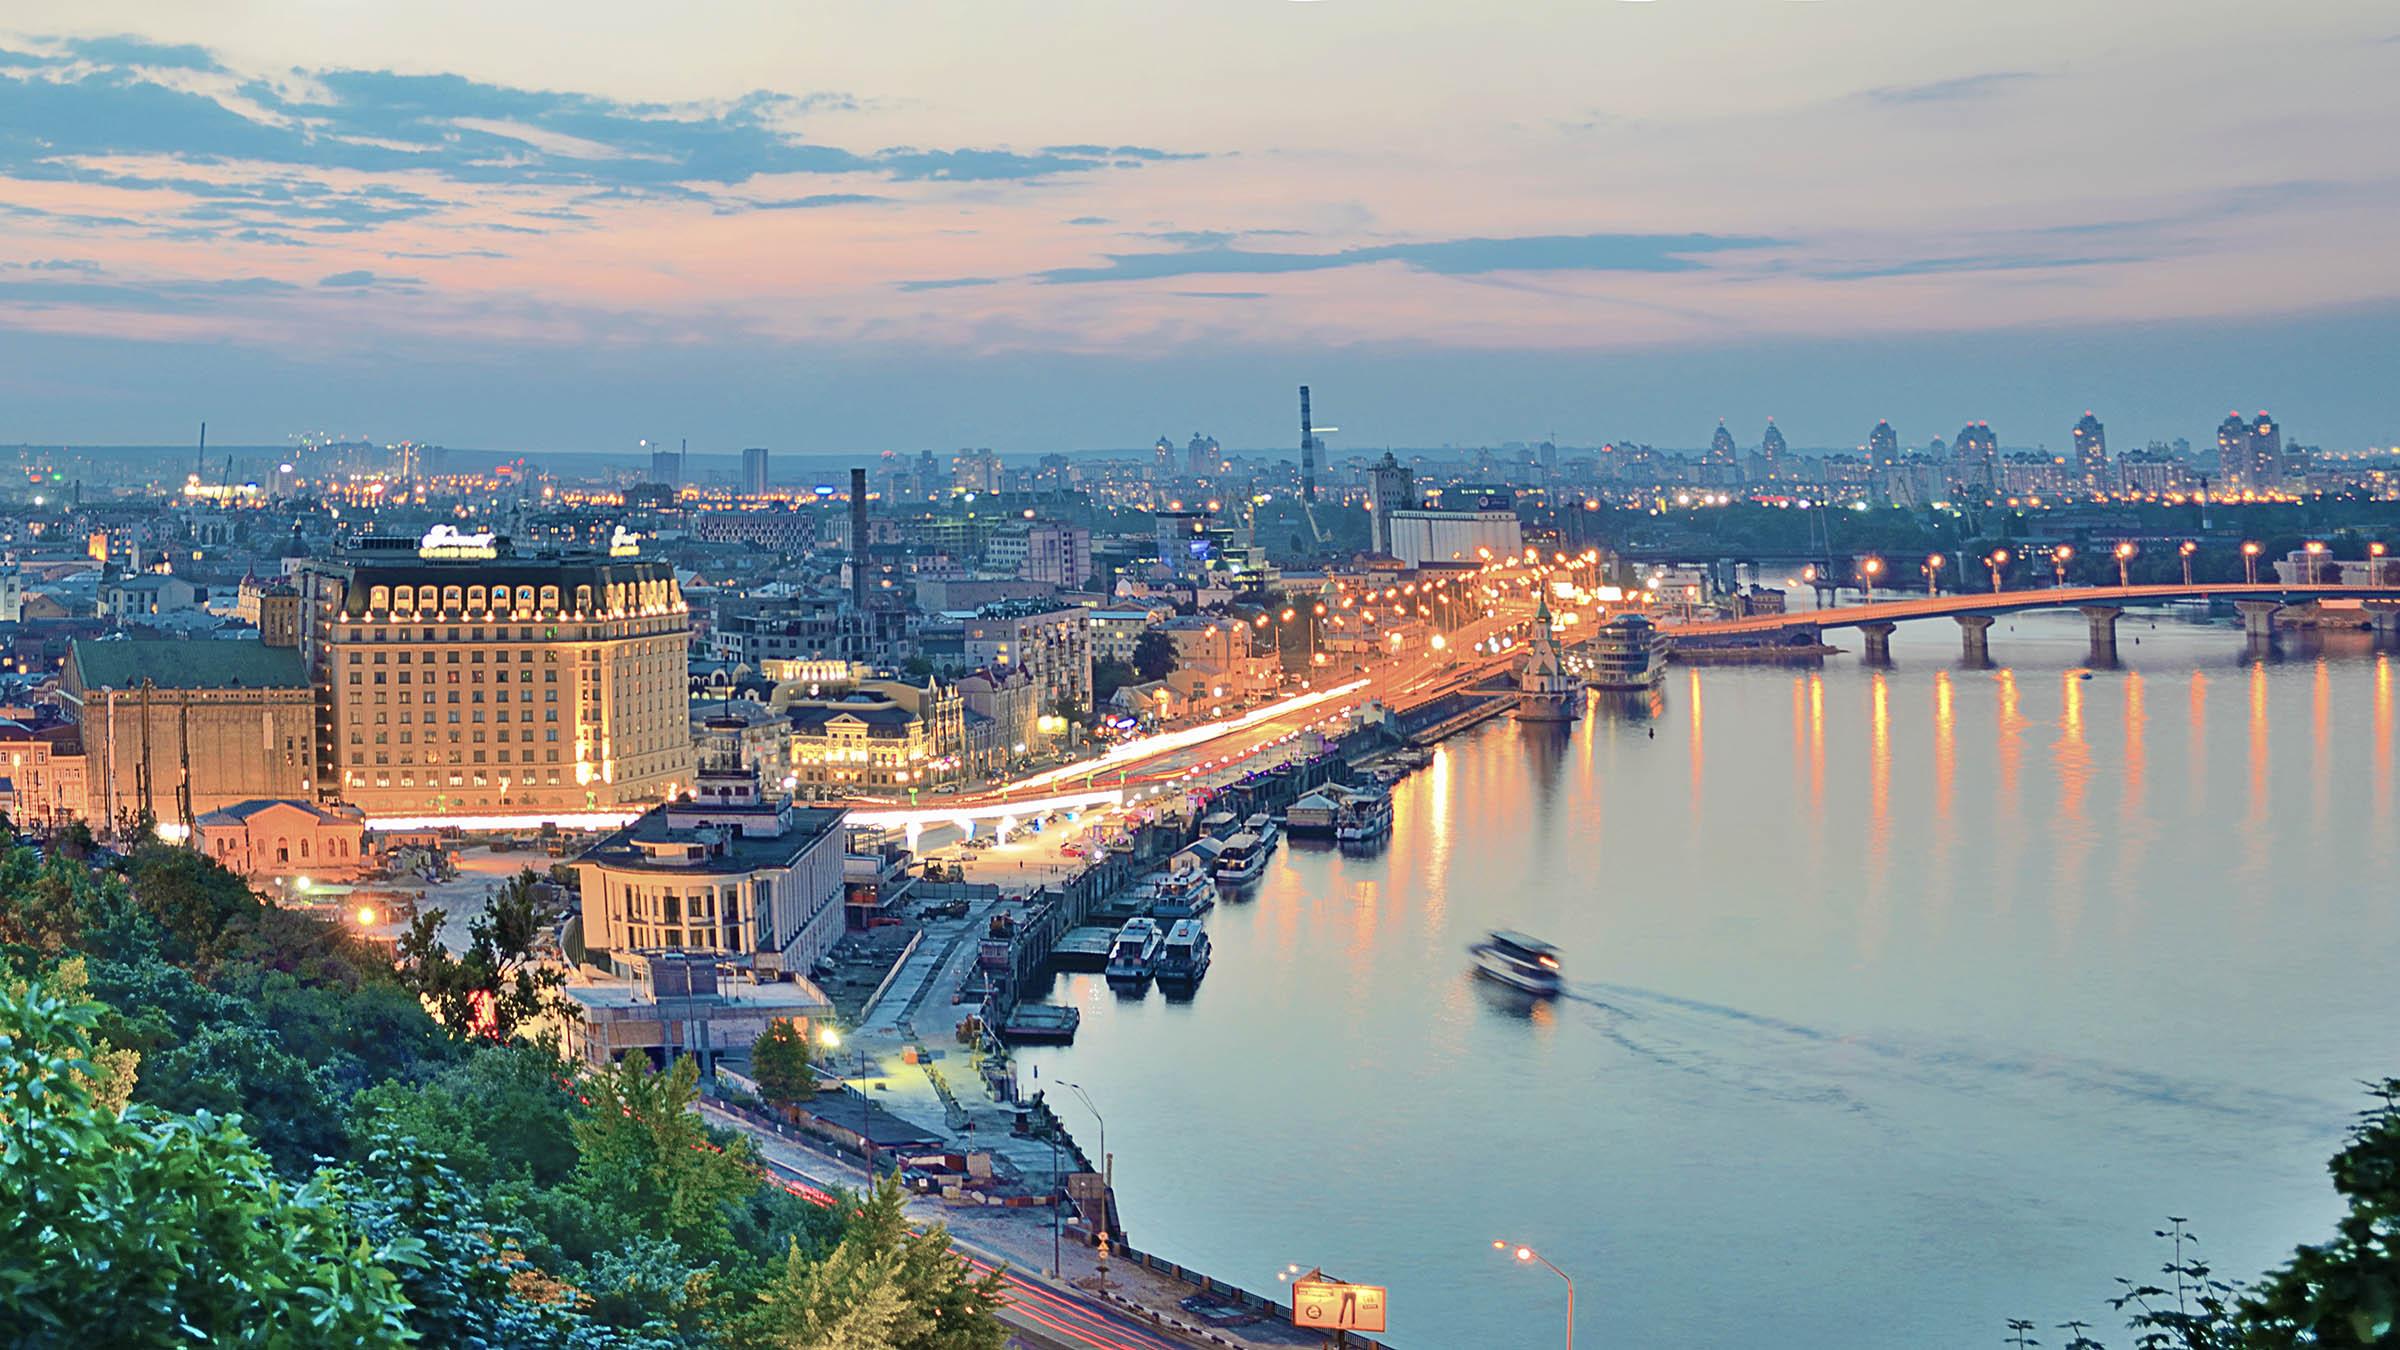 Vuelos directos a kiev ucrania desde barcelona con vueling for Vuelos de paris a barcelona